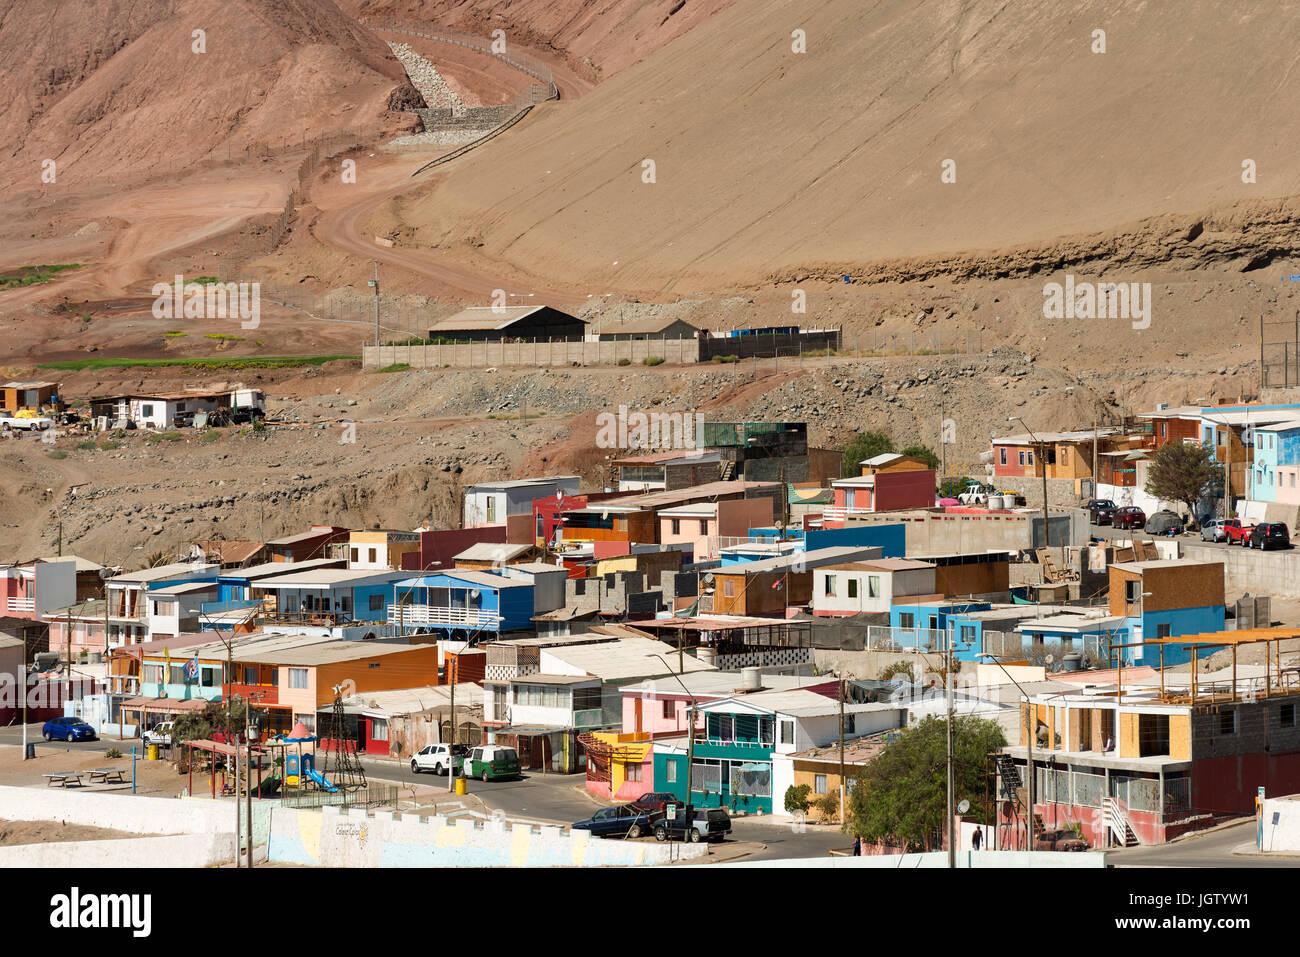 Antofagasta, Chili, région d'Antofagasta - Caleta Coloso, un petit groupe de maisons au sud de la ville Photo Stock